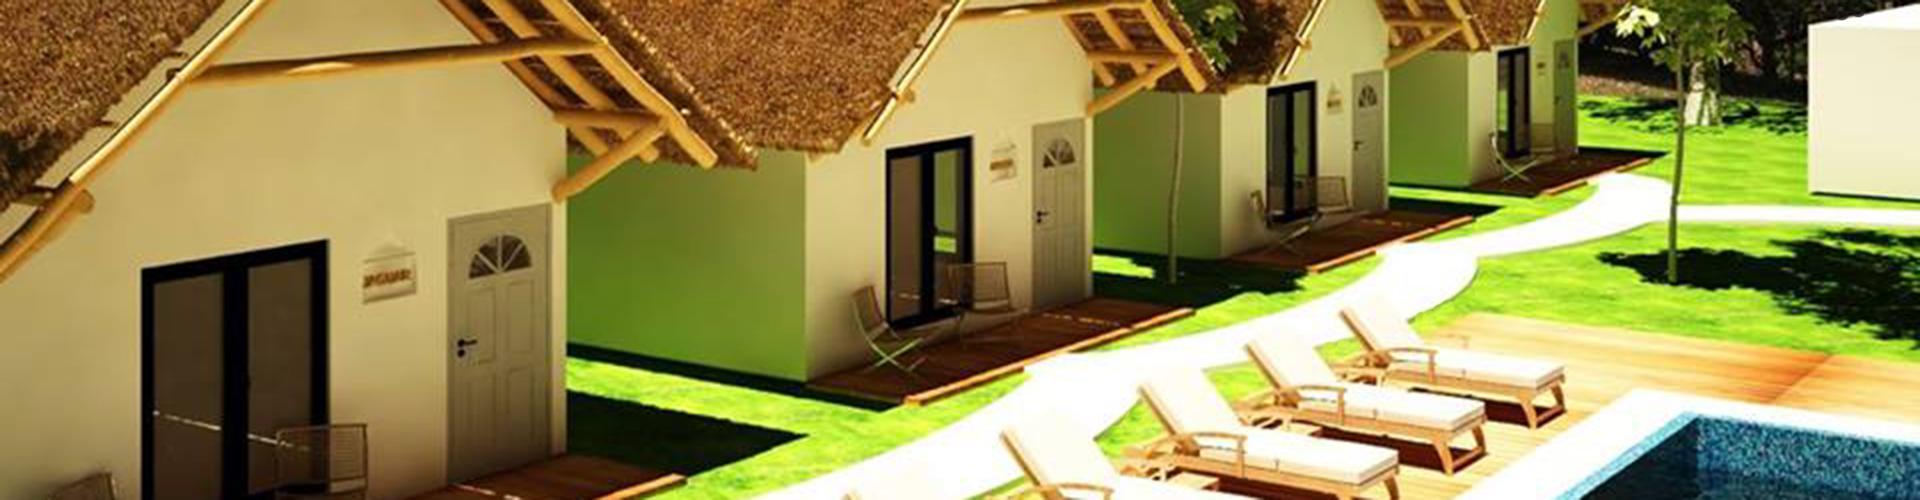 Ecovergel Tulum – Habitaciones y piscina